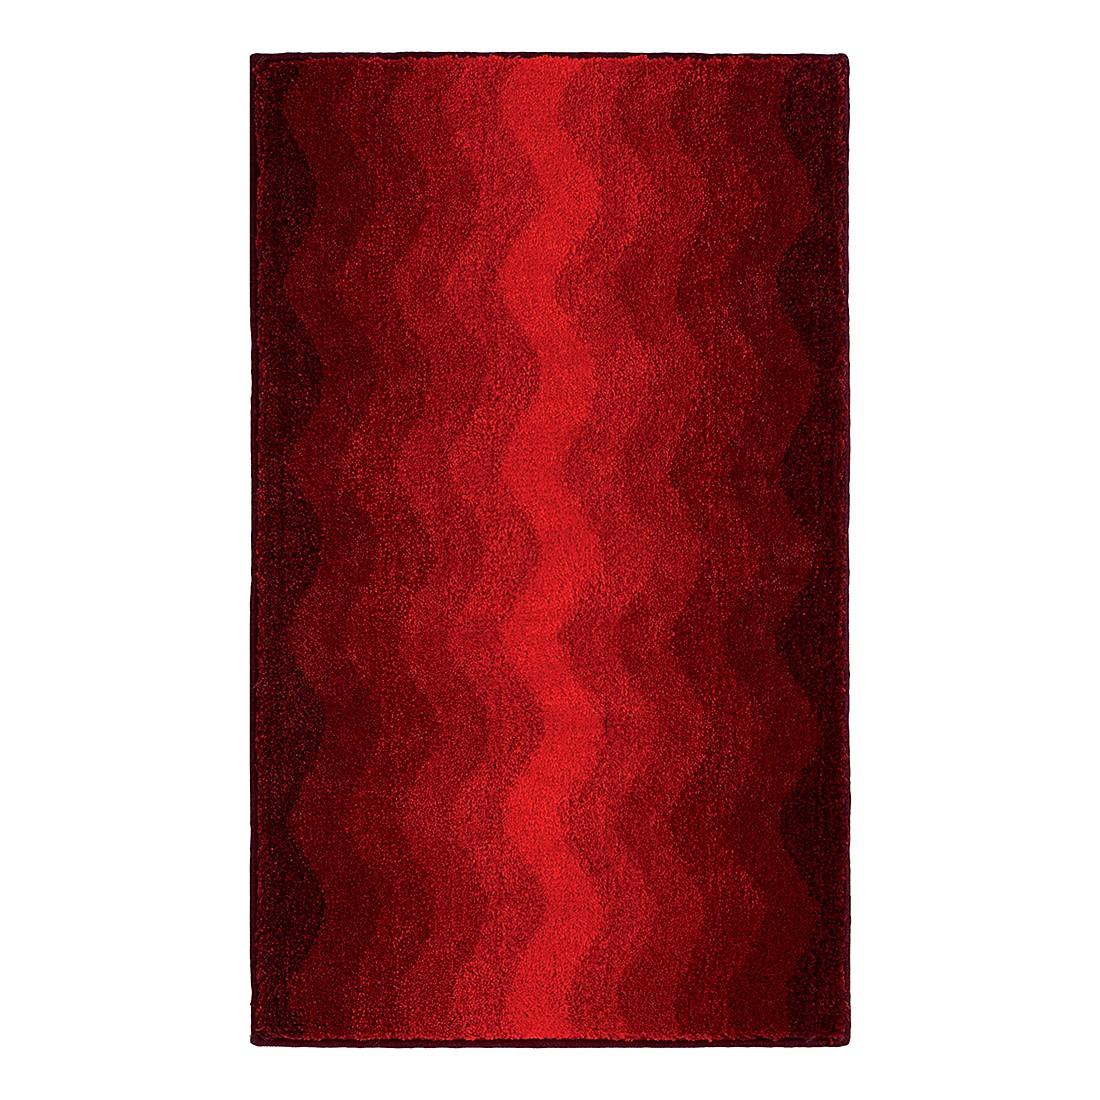 Badteppich Presto – Rot – Größe: 120 x 70 cm, Grund jetzt kaufen